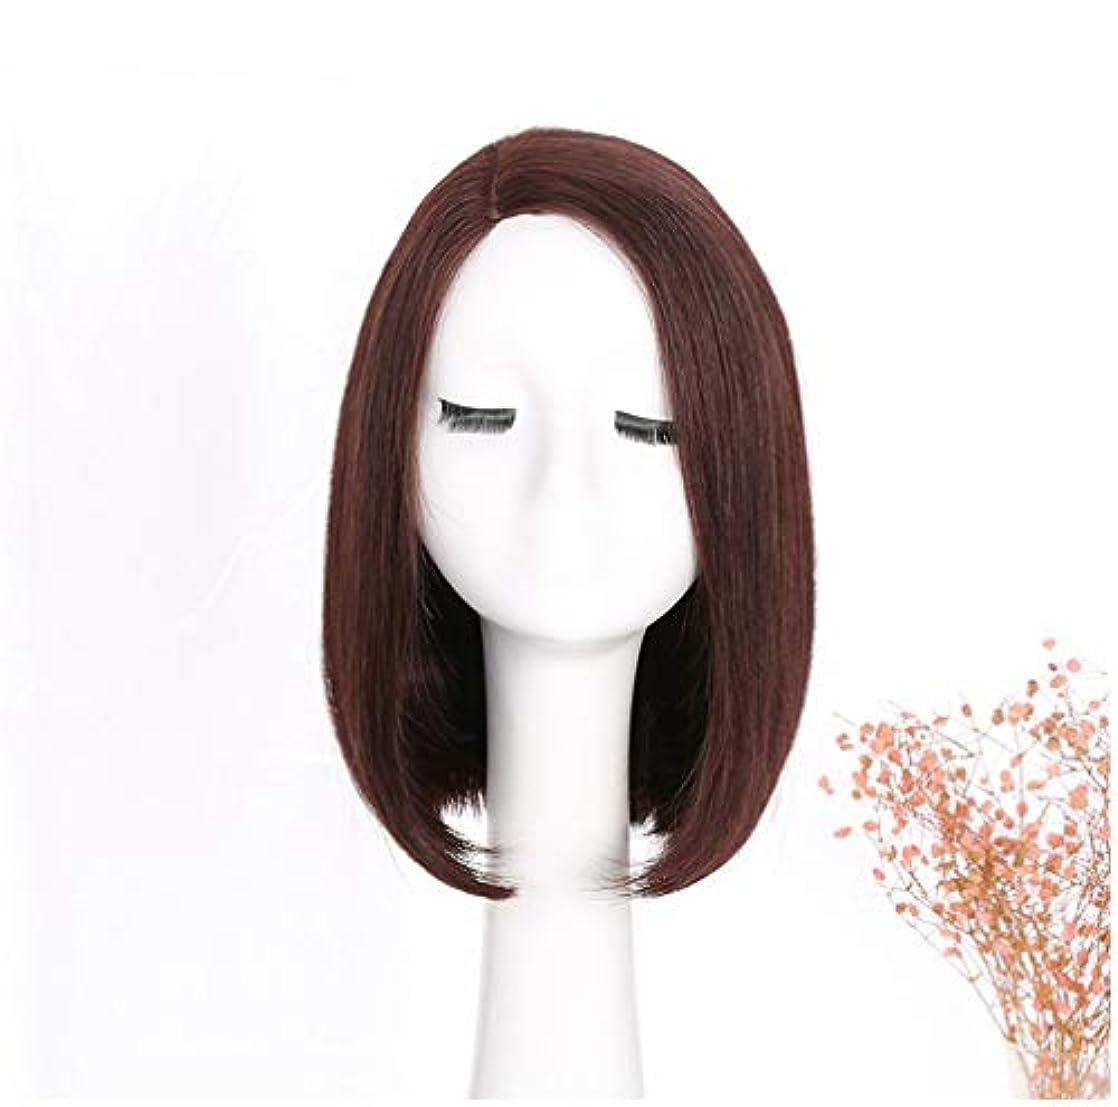 知らせる才能教養があるYOUQIU 女子ショートヘアボブ梨ヘッド実ヘアウィッグショルダーストレートヘアーのリアルなウィッグウィッグ (色 : Dark brown)